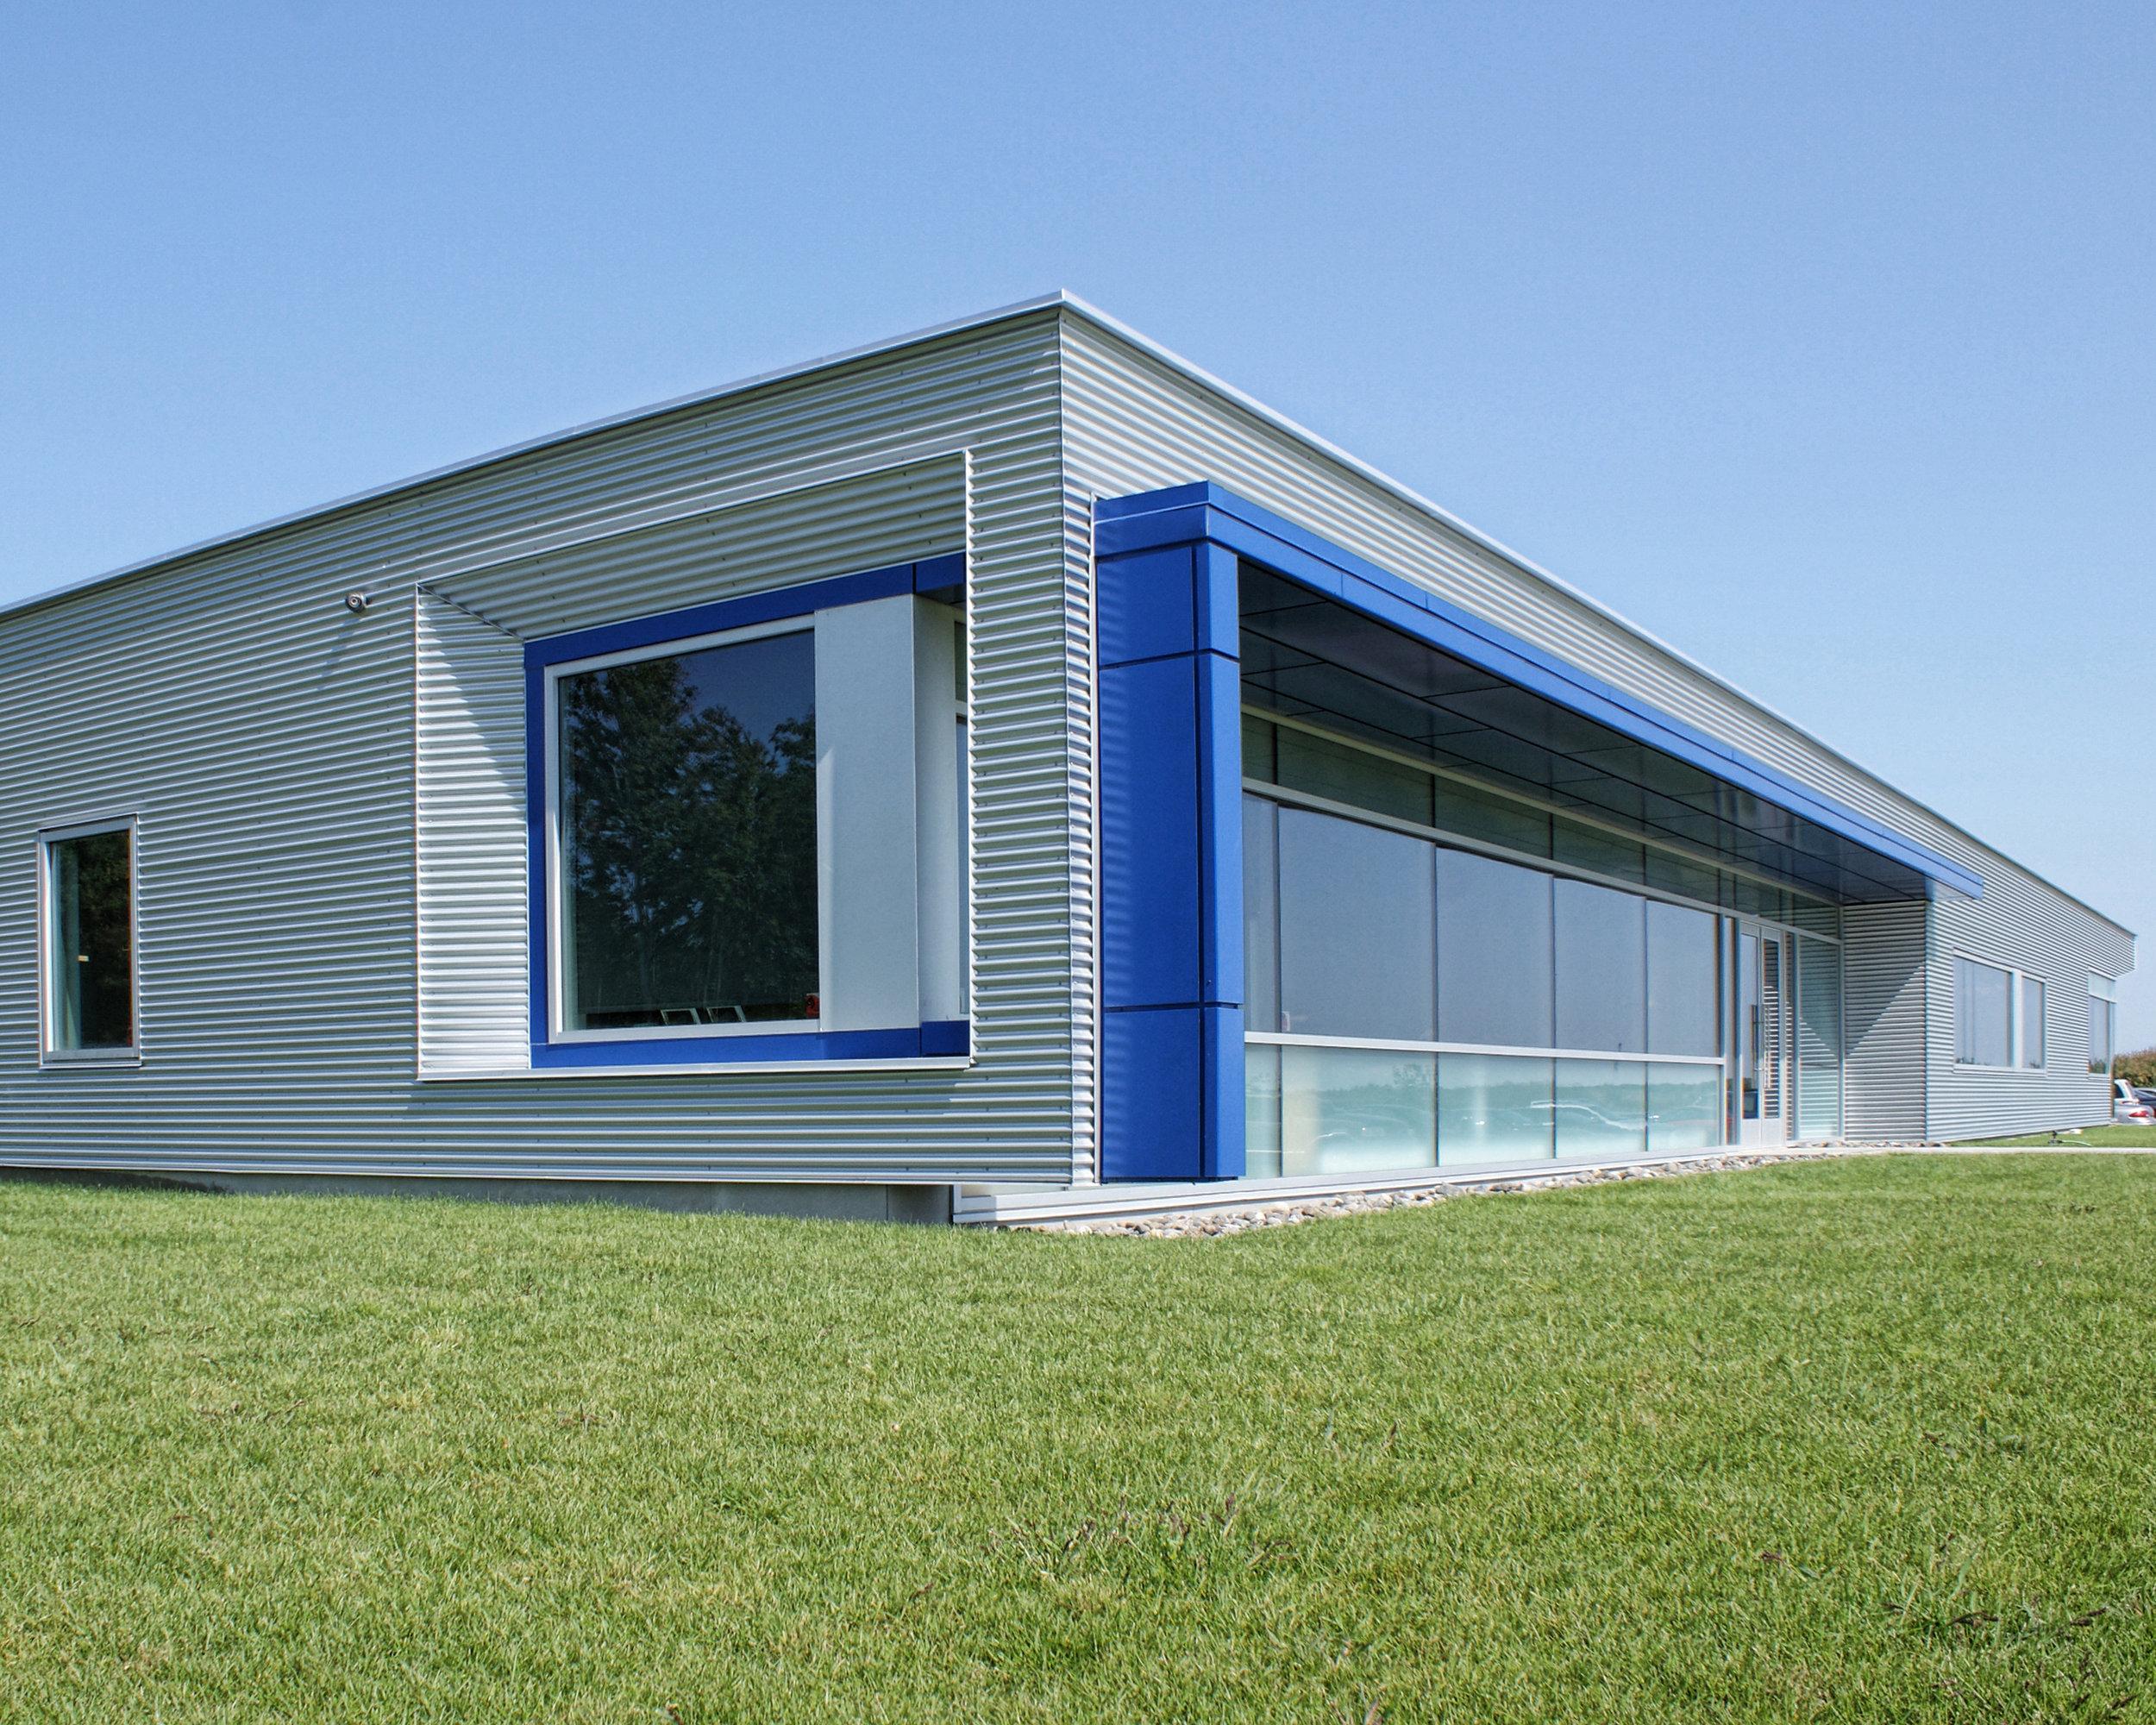 Poséidon - Nouvelle usine  Année : 2009  | Budget: 3,2M$